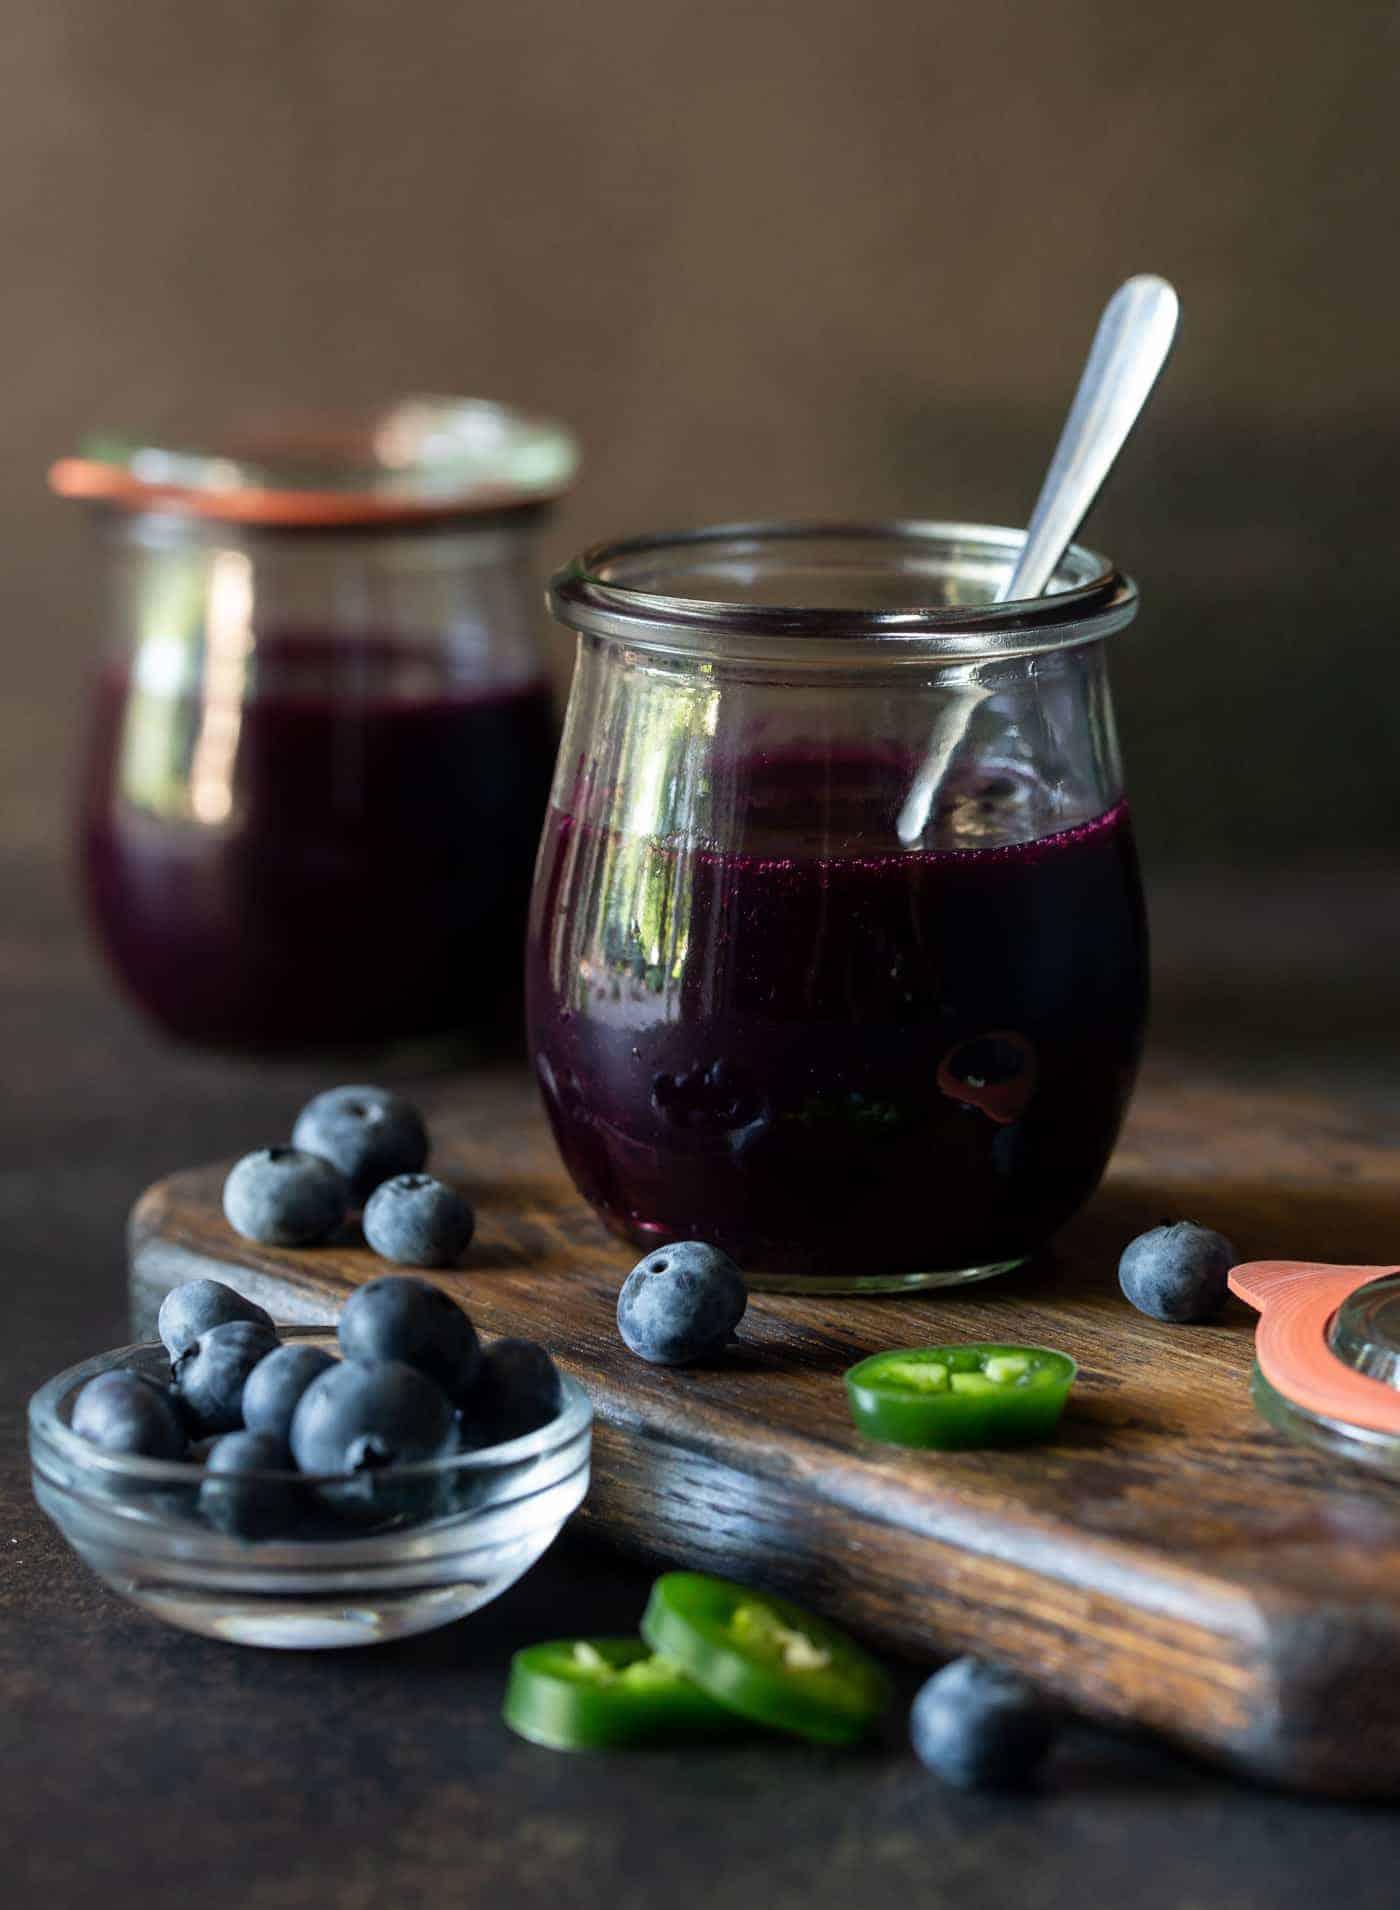 Easy-Blueberry-Jalapeno-Freezer-Jam-1-of-2